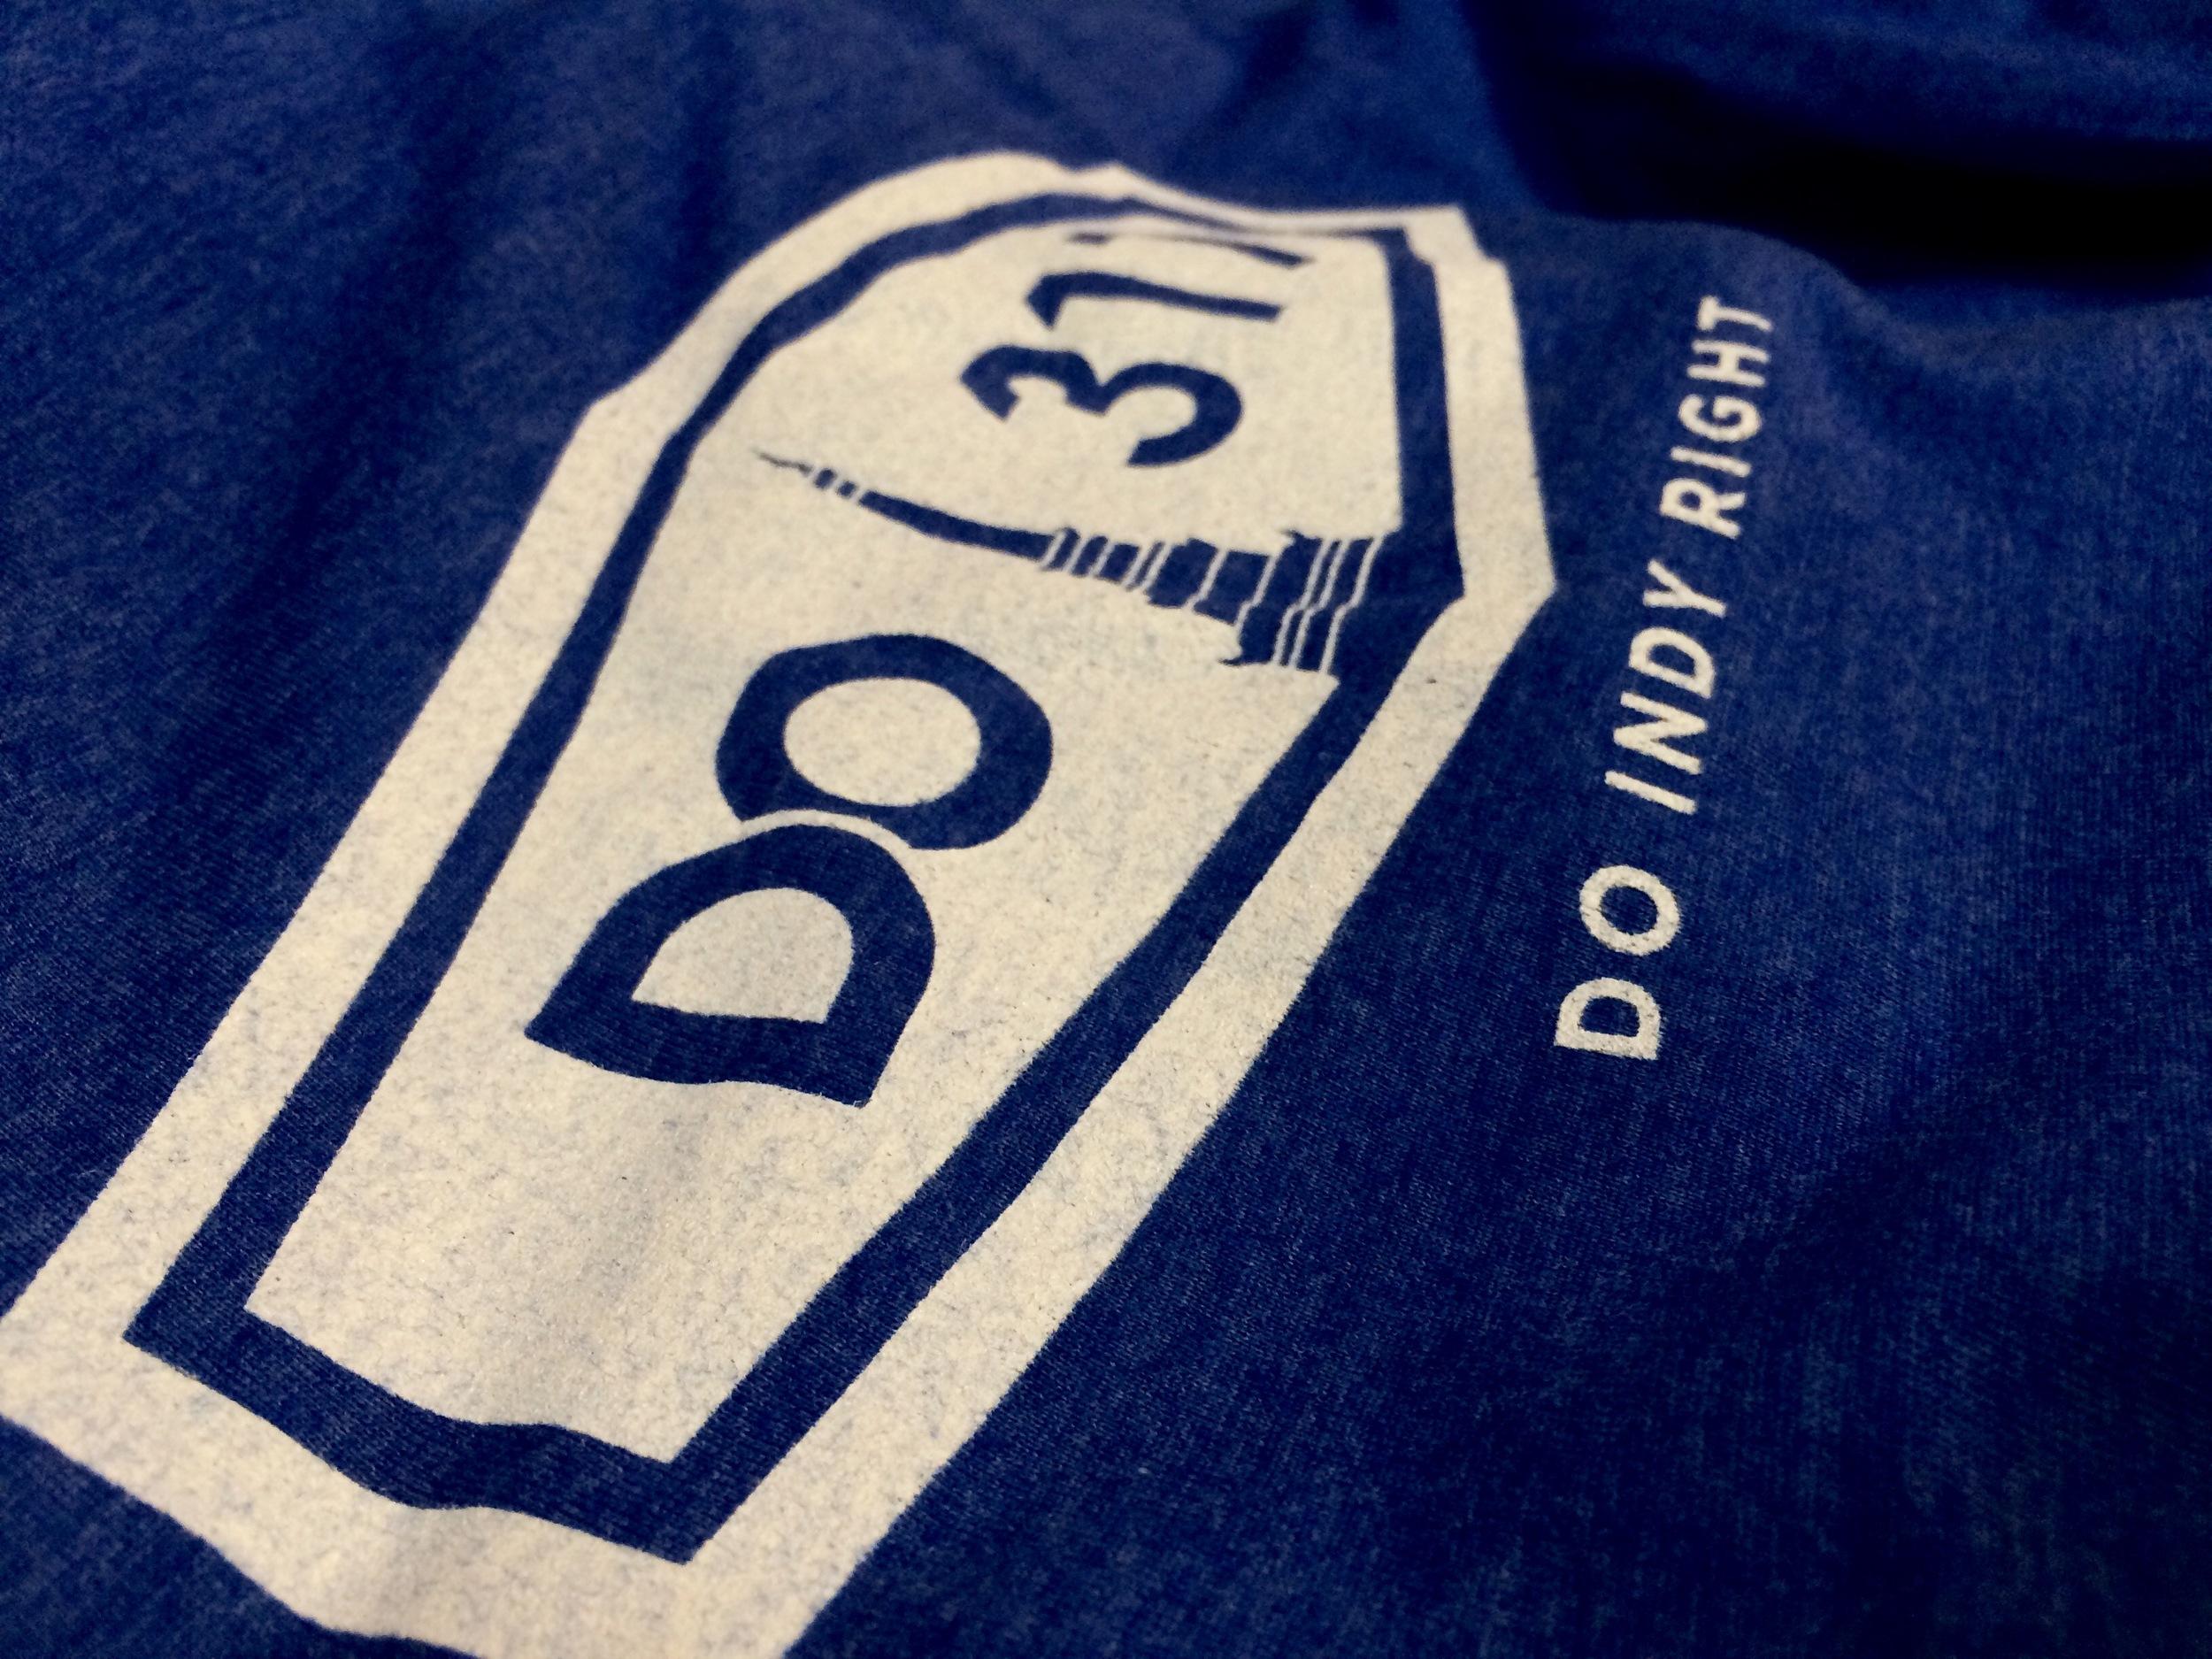 do317 shirt close-up